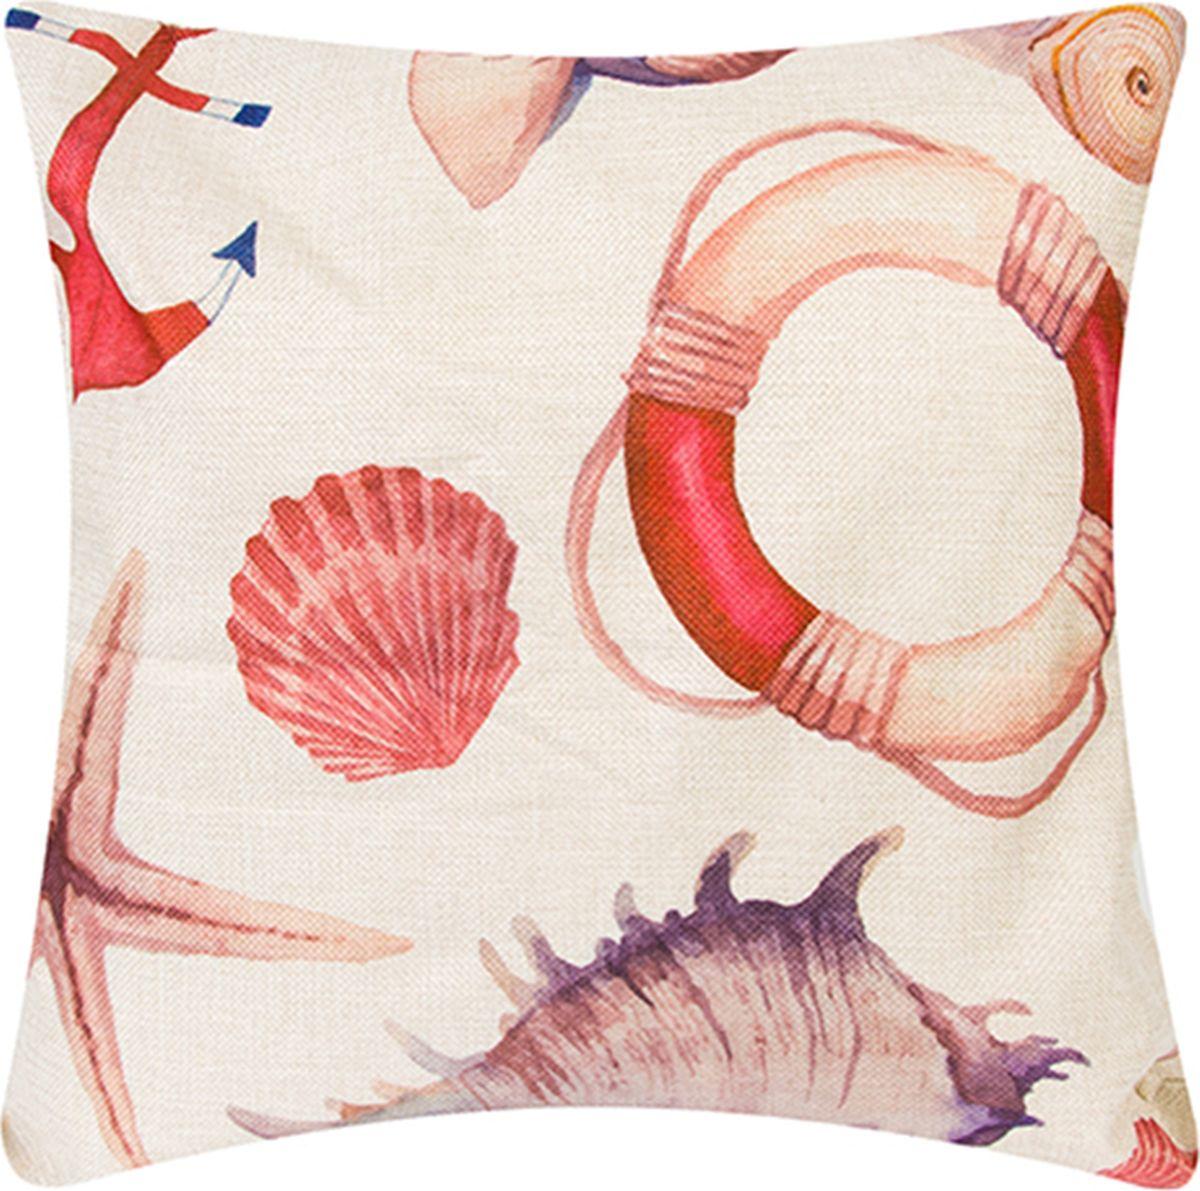 Подушка декоративная EL Casa Круиз, 43 x 43 см171702Декоративная подушка прекрасно дополнит интерьер спальни или гостиной. Состав наволочки: лен -50%, полиэстер-50%. Она легко снимается, благодаря молнии. Внутри подушки находится мягкий наполнитель.